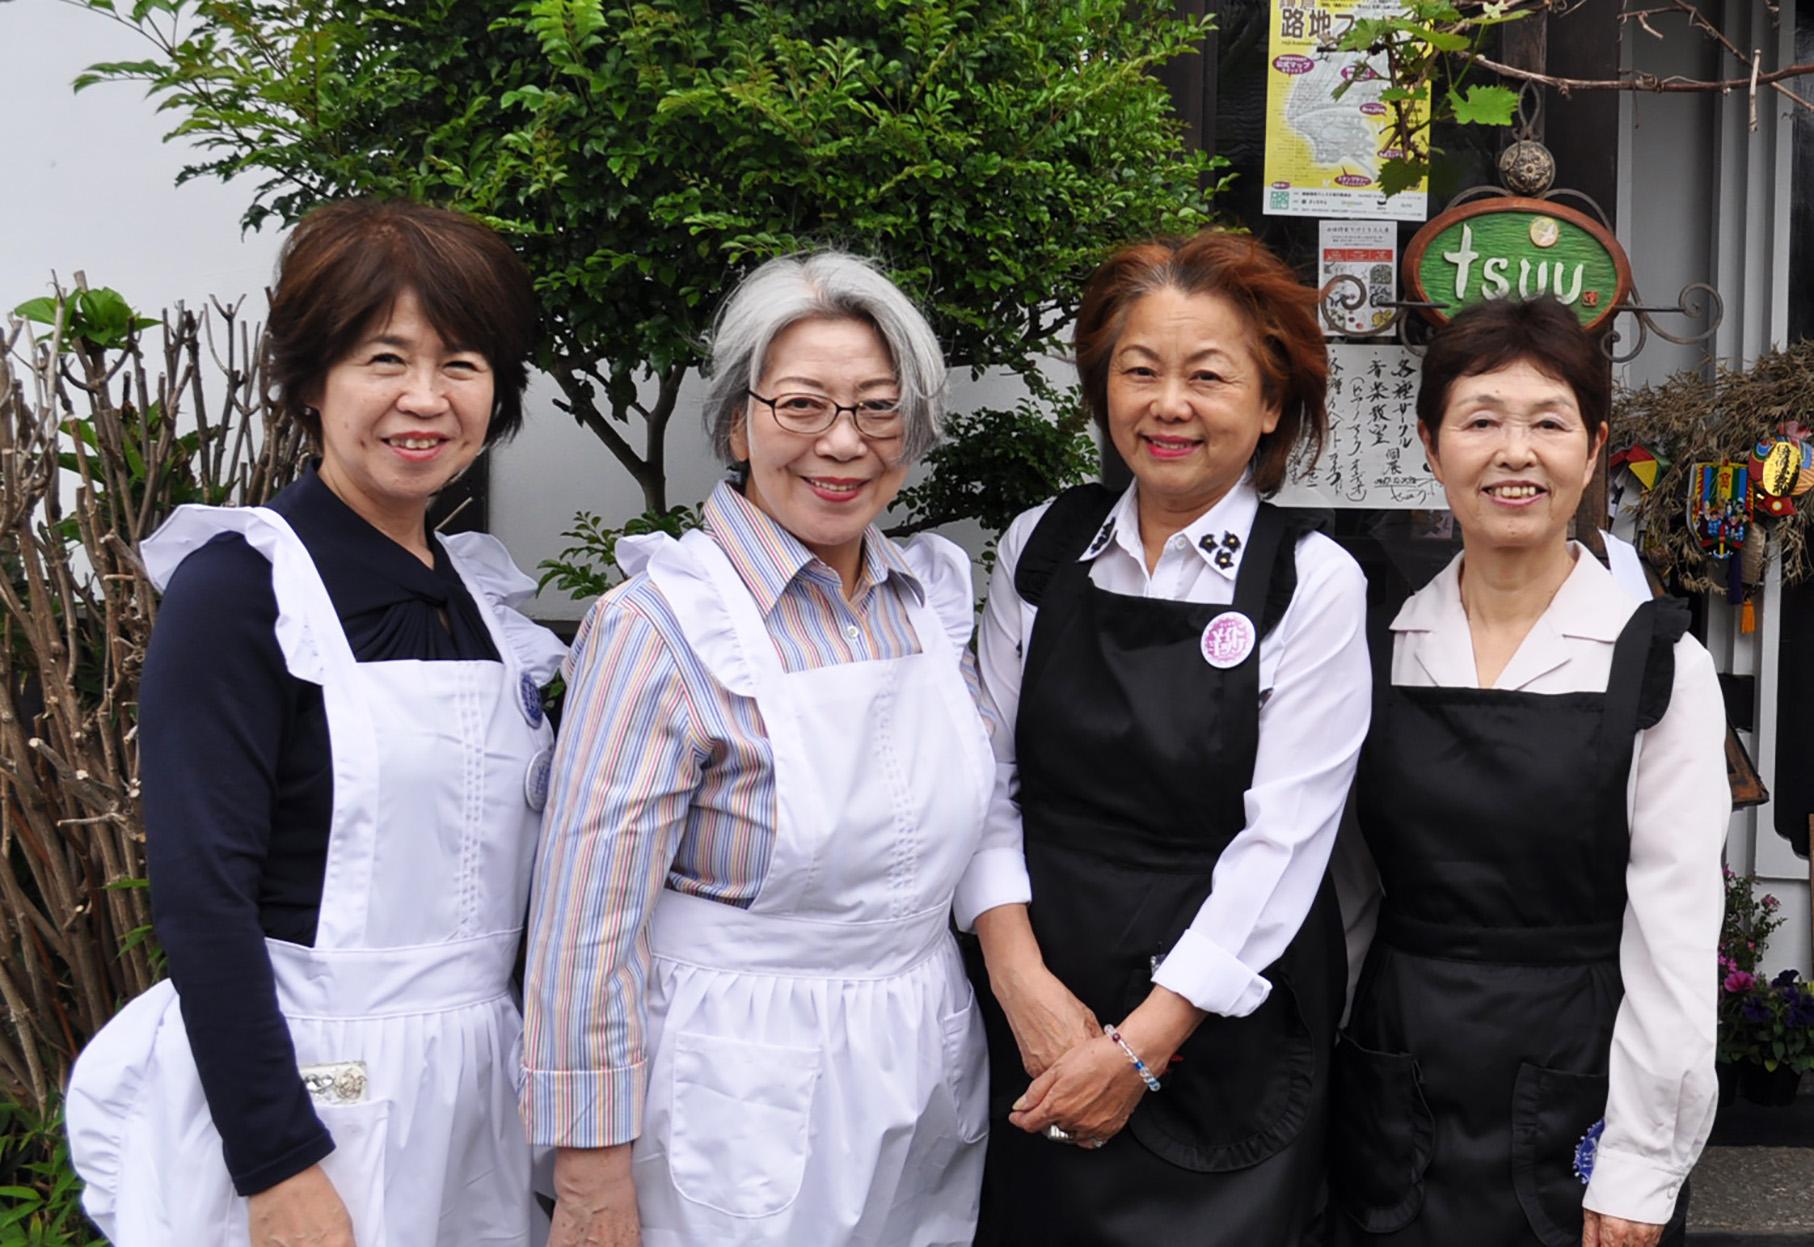 圧倒的な居心地のよさ!平均年齢70歳の「メイド喫茶」訪問記